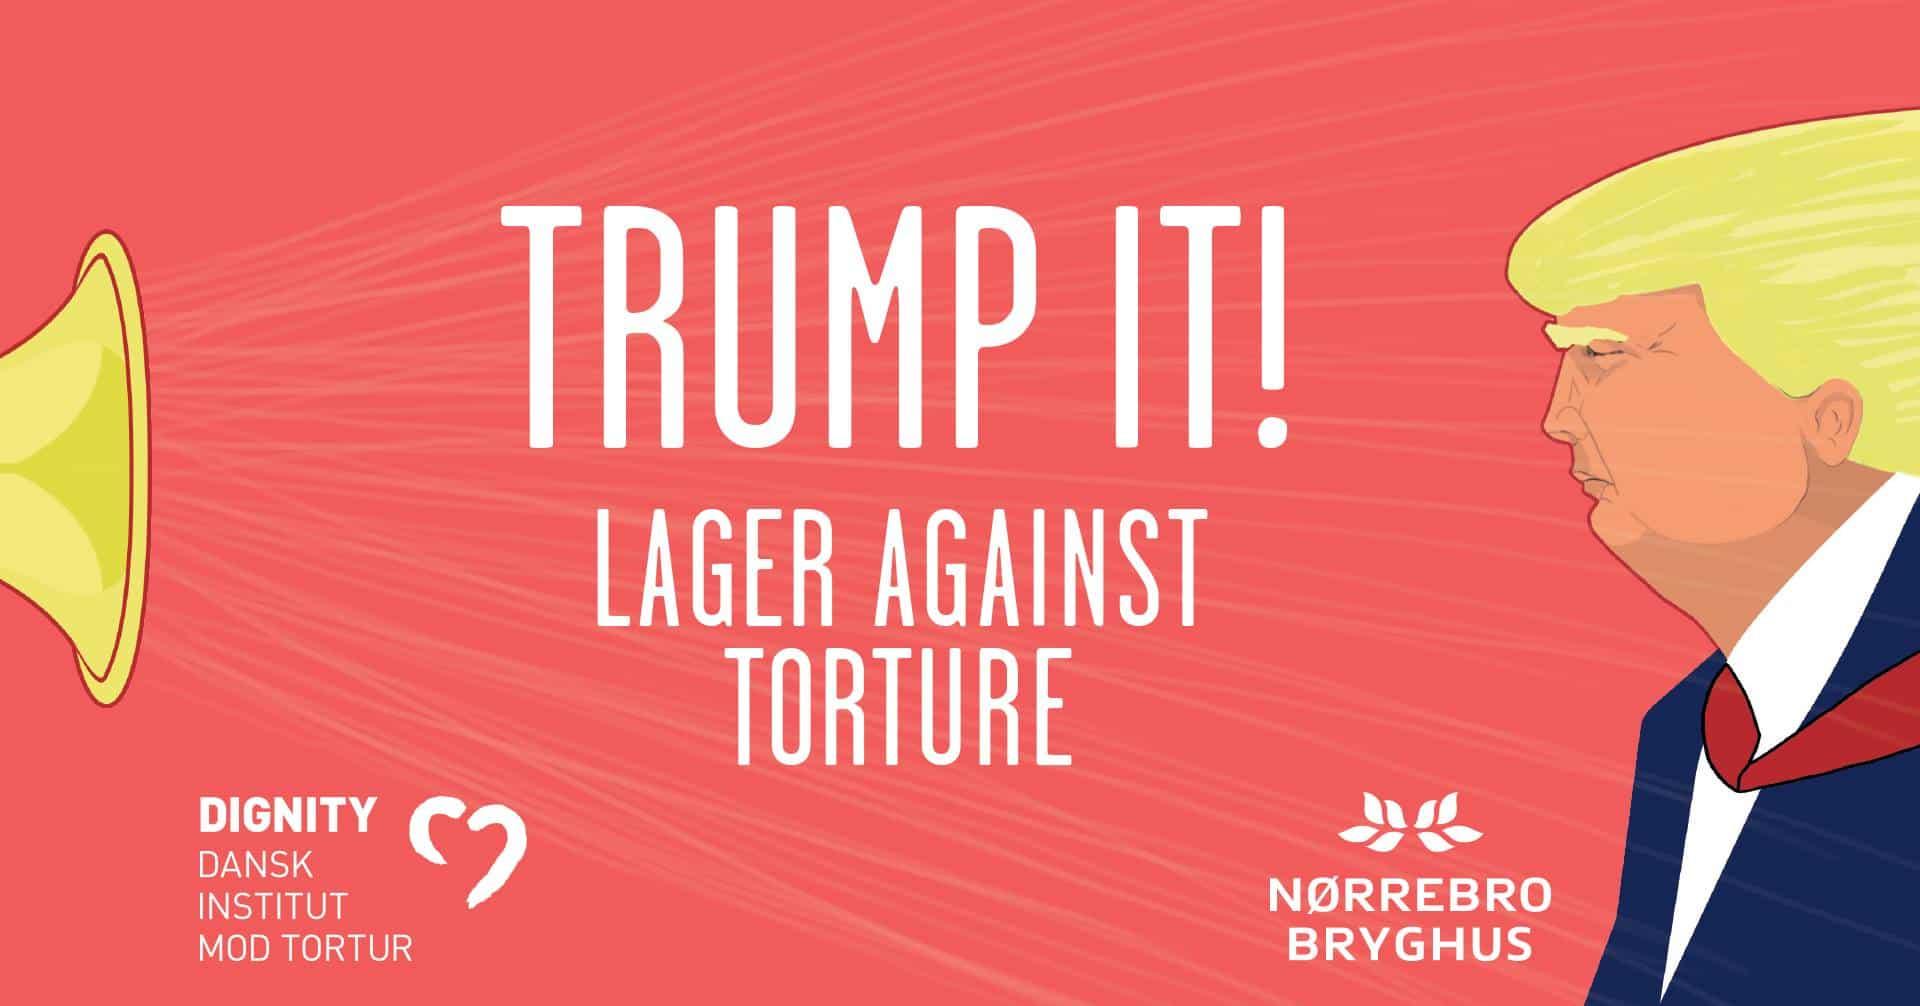 Trump it Dansk Institut mod Tortur